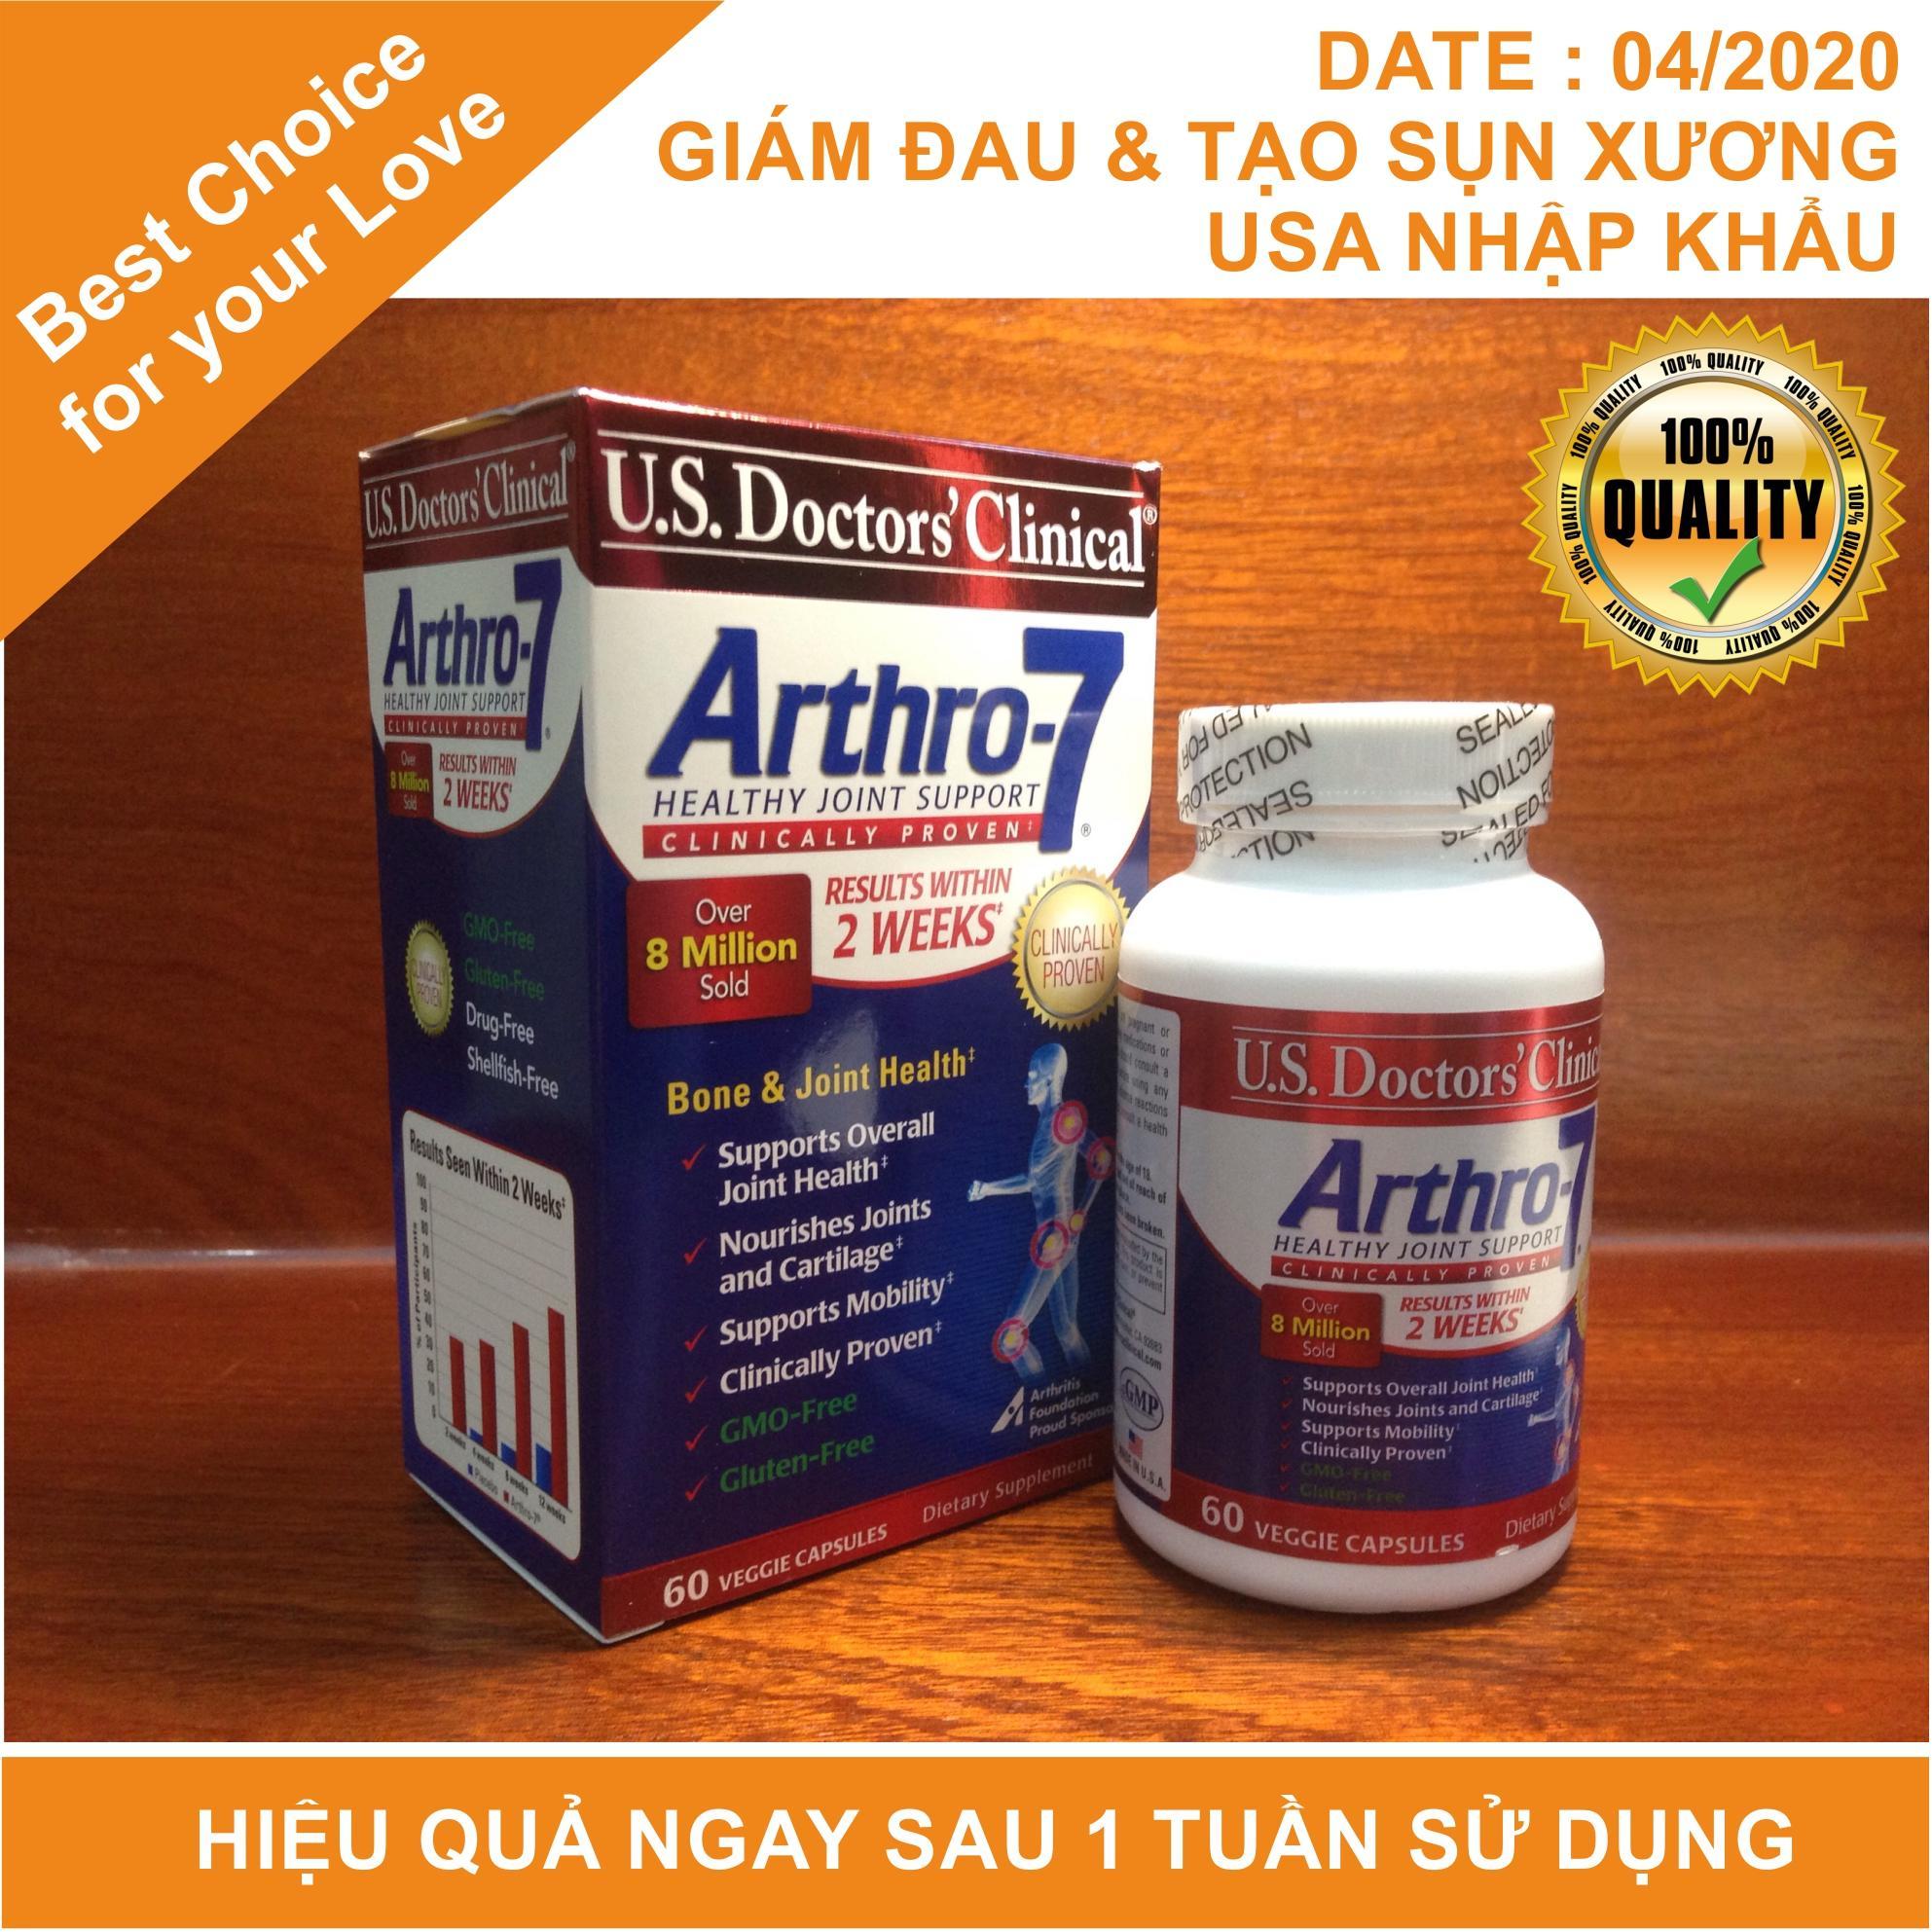 Arthro-7 (date 2020, USA) giảm đau xương khớp, tạo sụn hiệu quả ngay sau 1 tuần sử dụng